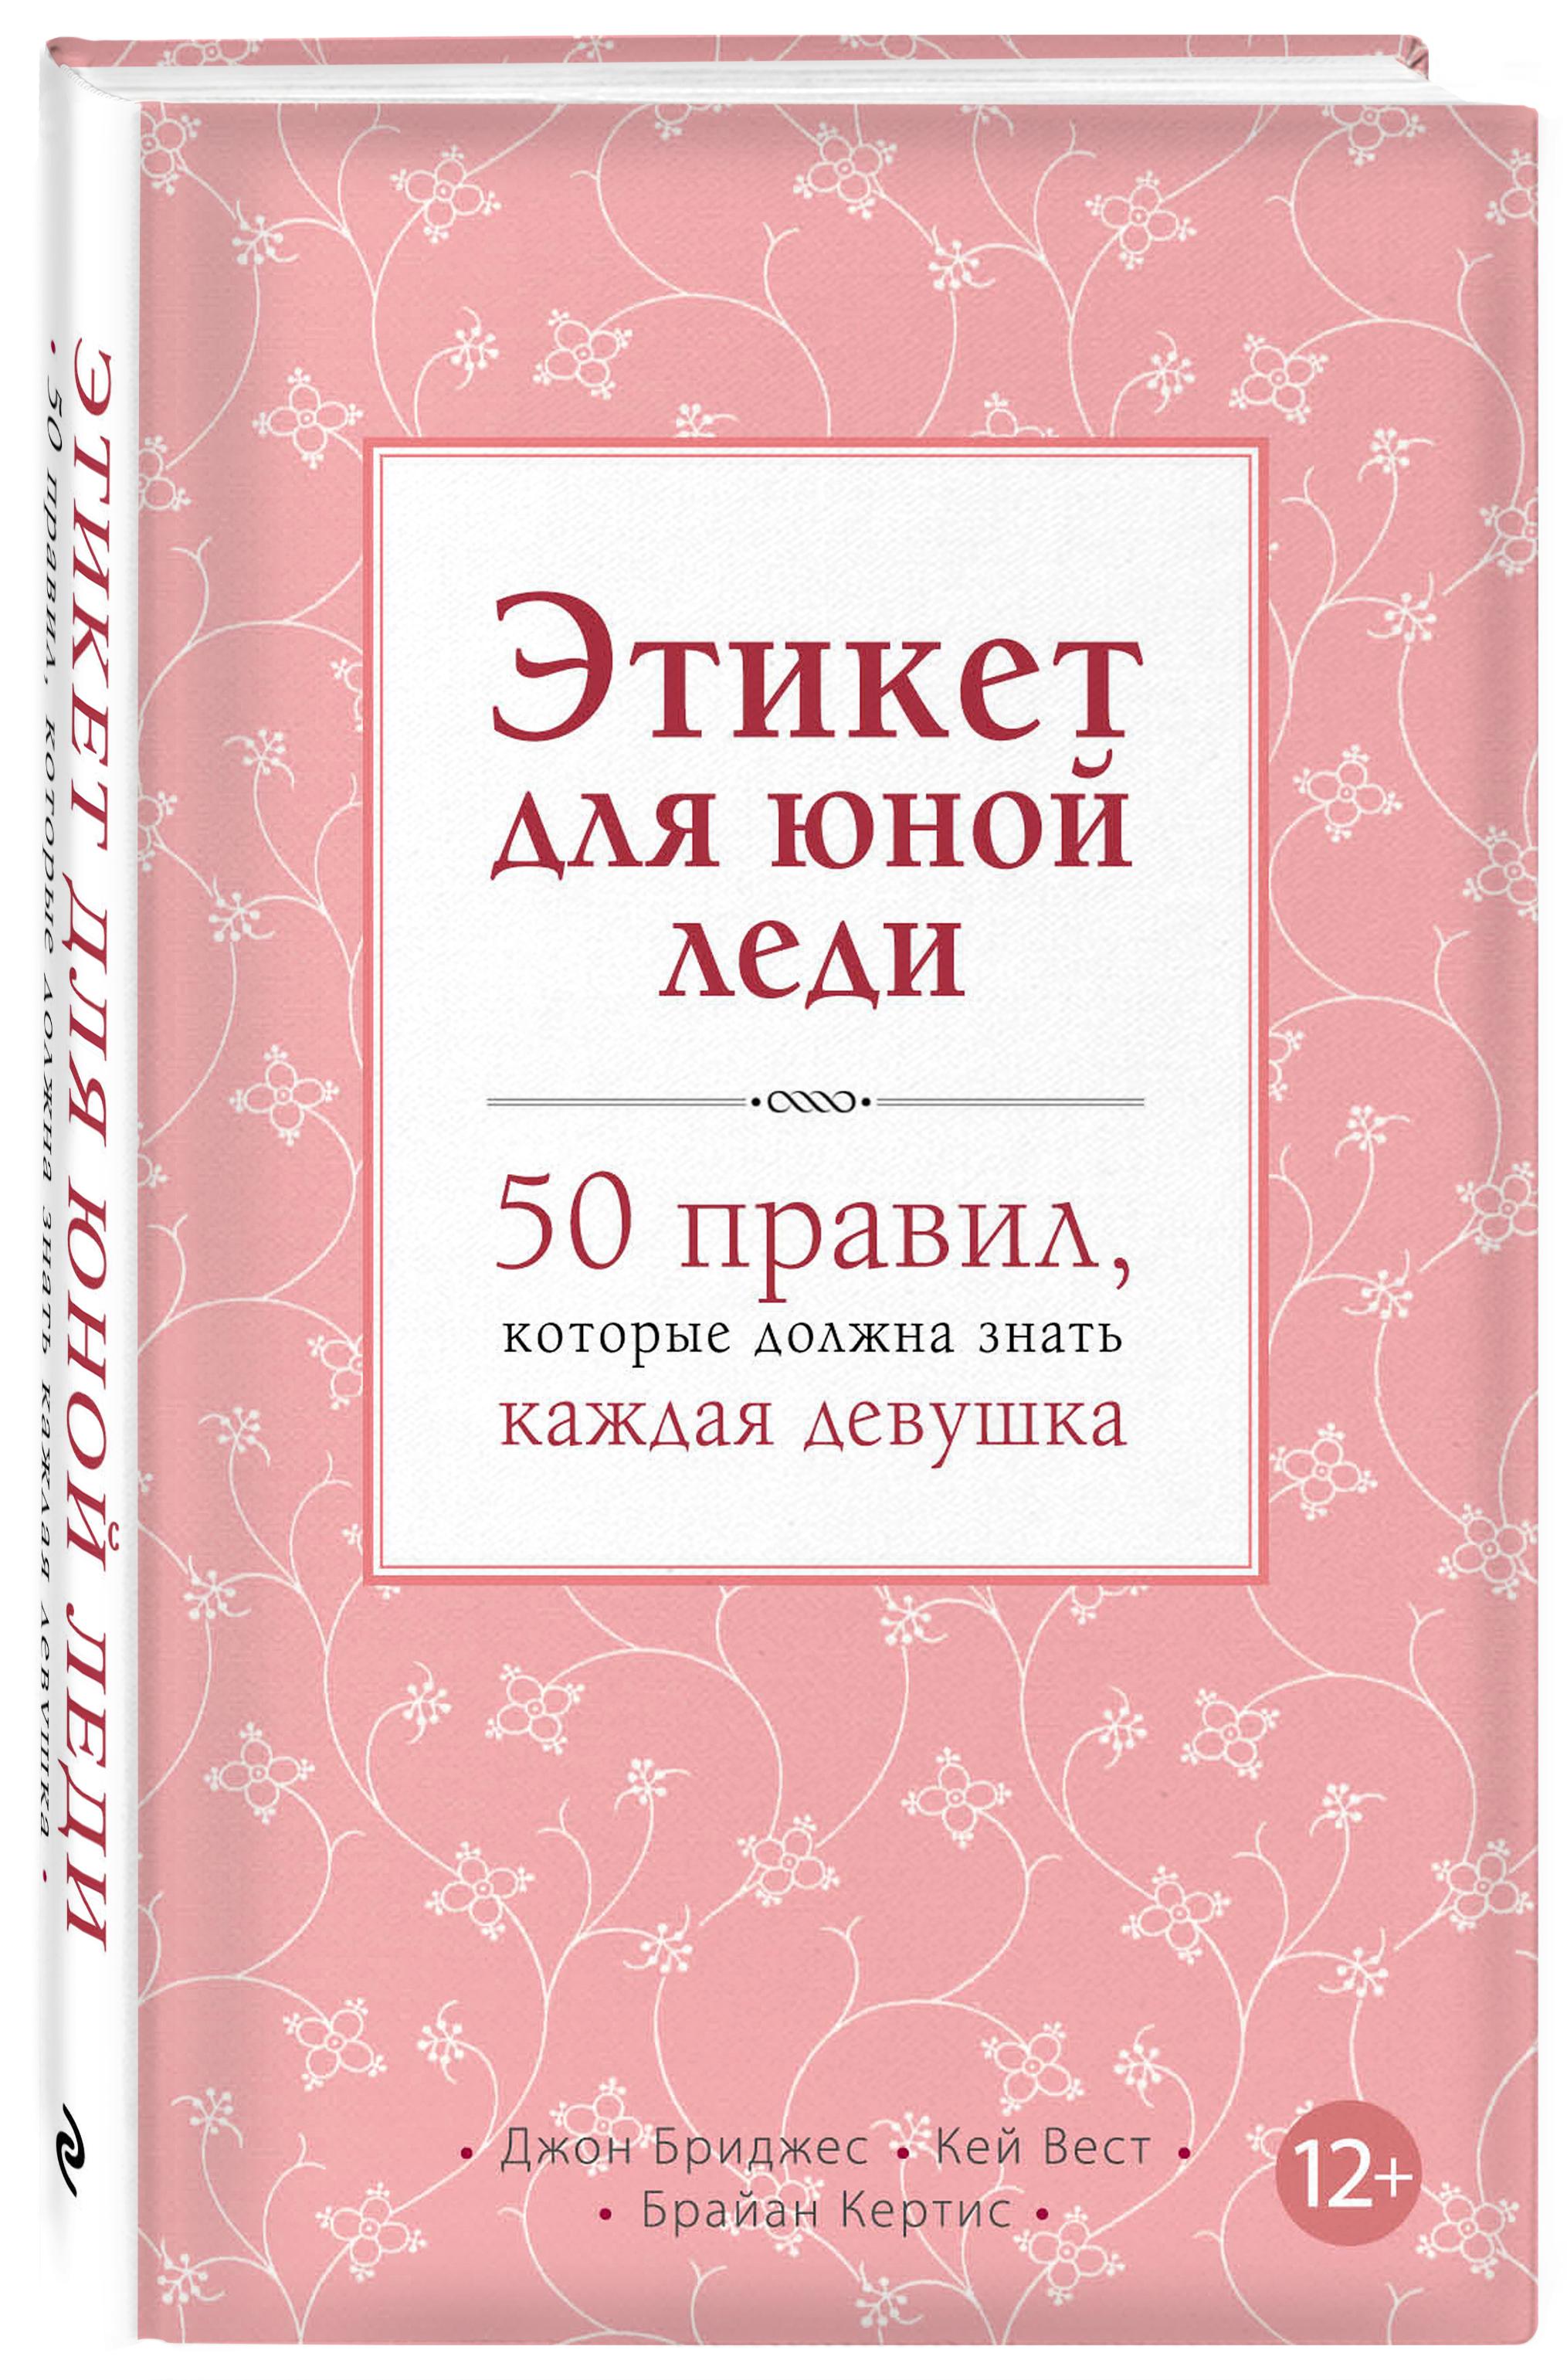 Д. Бриджес, К. Вест, Б. Кертис Этикет для юной леди. 50 правил, которые должна знать каждая девушка 1000 советов юной леди